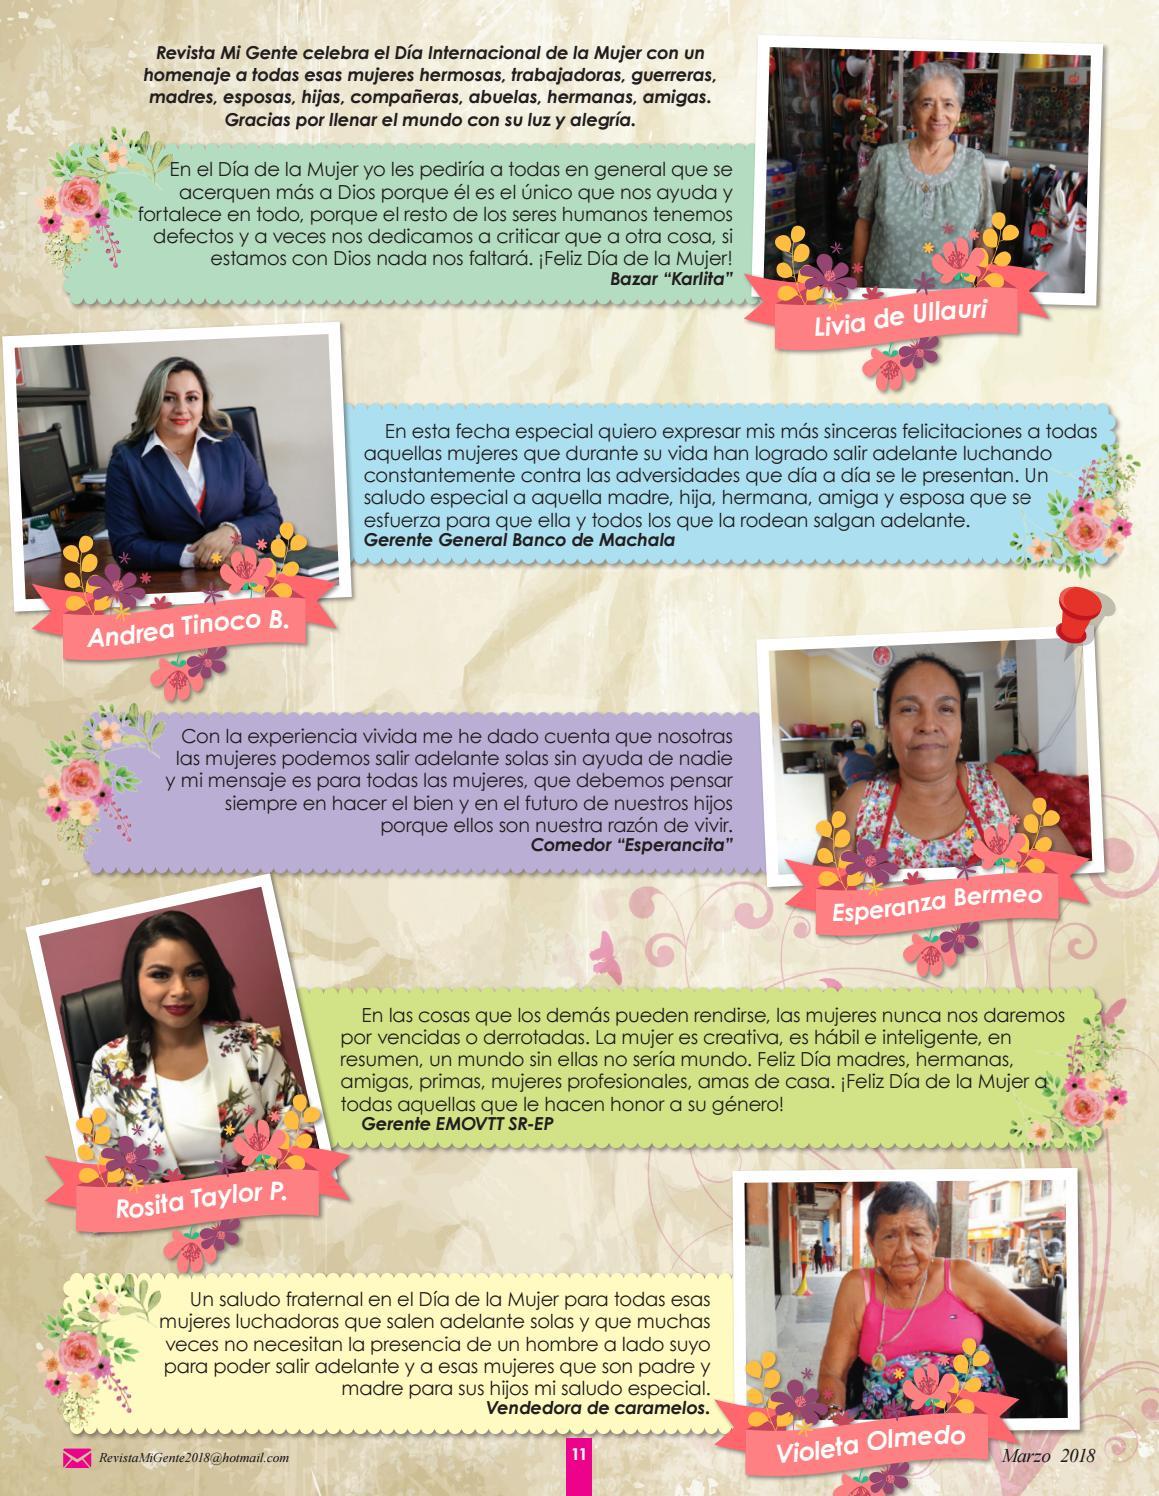 Revista Mi Gente Edicion 2 Marzo 2018 By Revista Mi Gente Issuu Jennifer lopez como ama una mujer qué hiciste. revista mi gente edicion 2 marzo